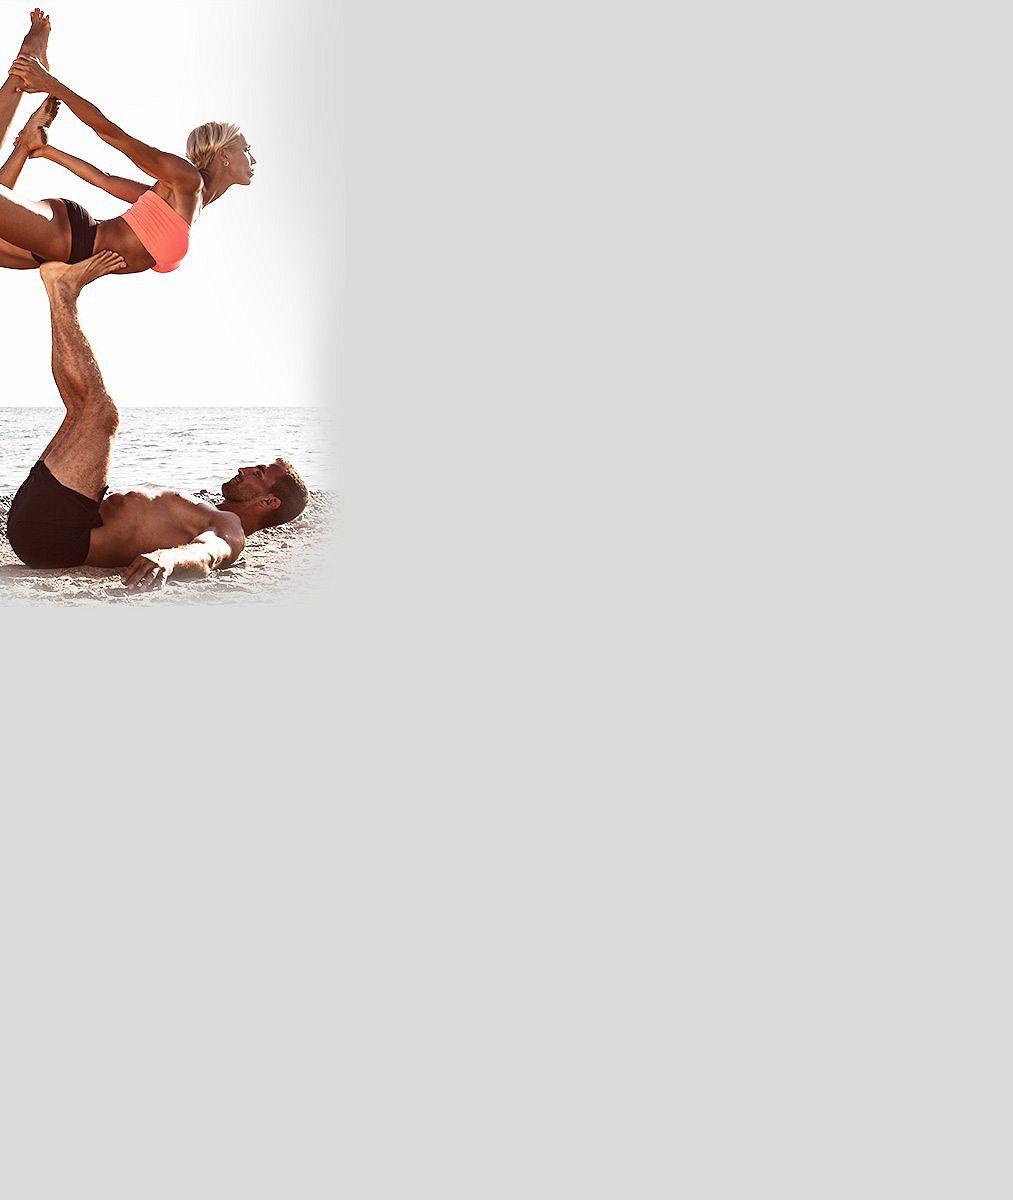 Tělo na tělo v krkolomných pozicích. Co má sexbomba Mašlíková s tímhle nebezpečně vyhlížejícím svalovcem?